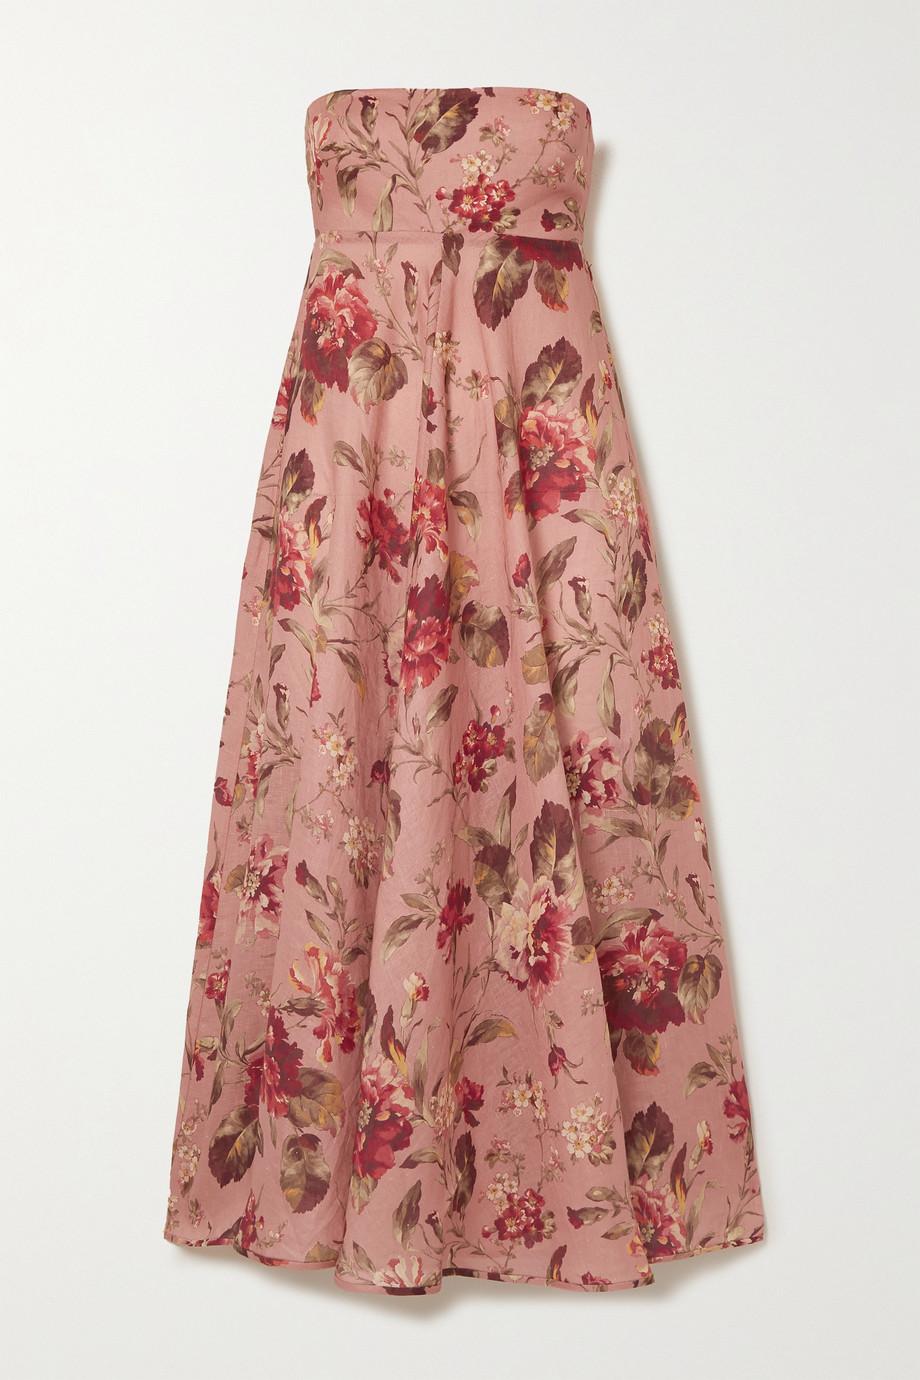 Zimmermann Cassia strapless floral-print linen dress